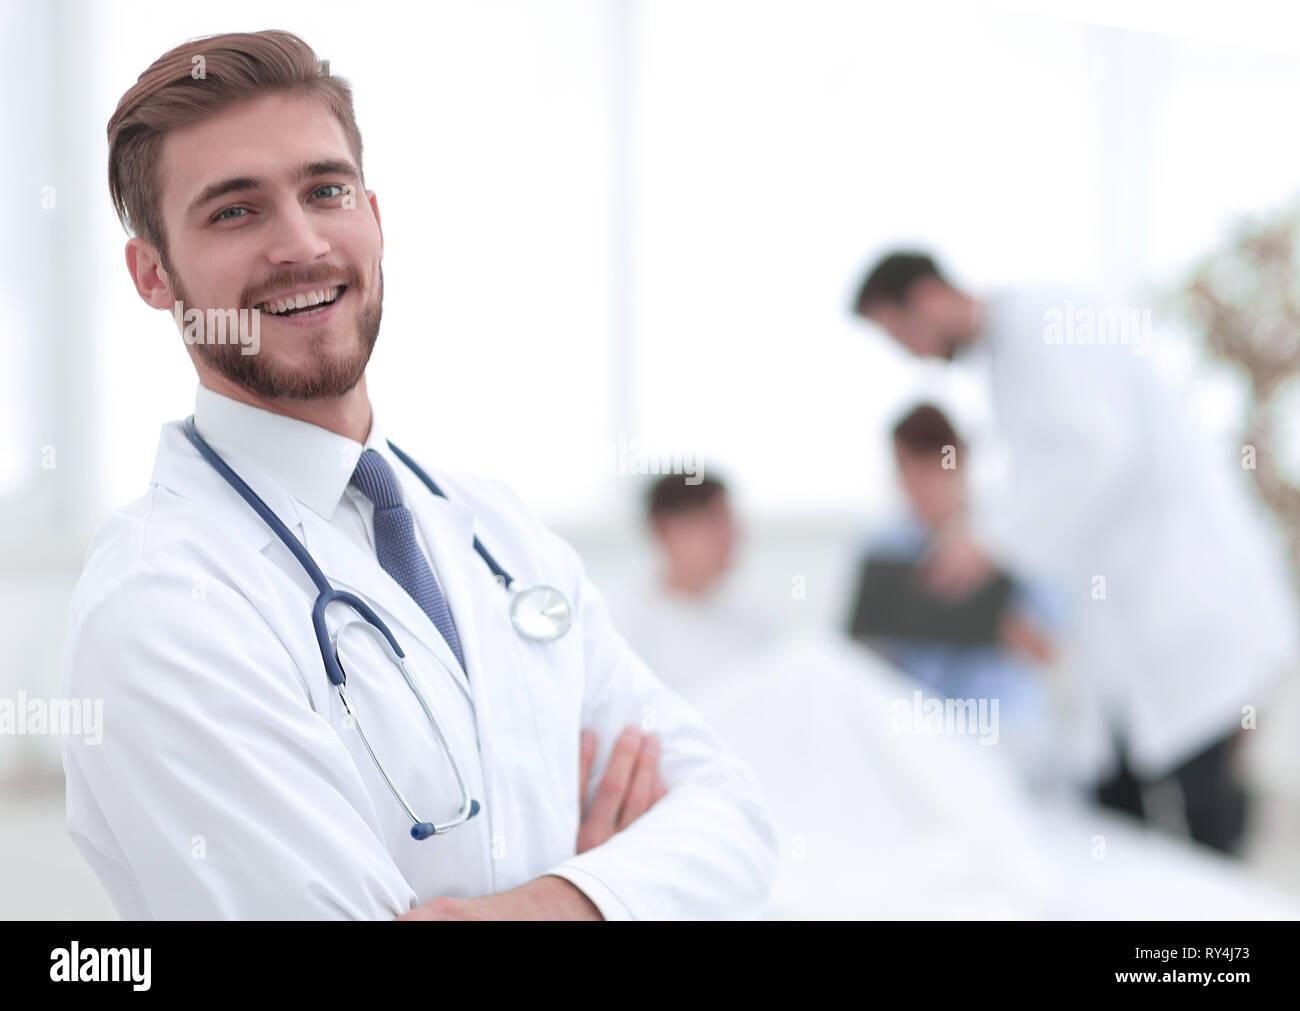 El responsable médico en el fondo de la cámara Foto de stock